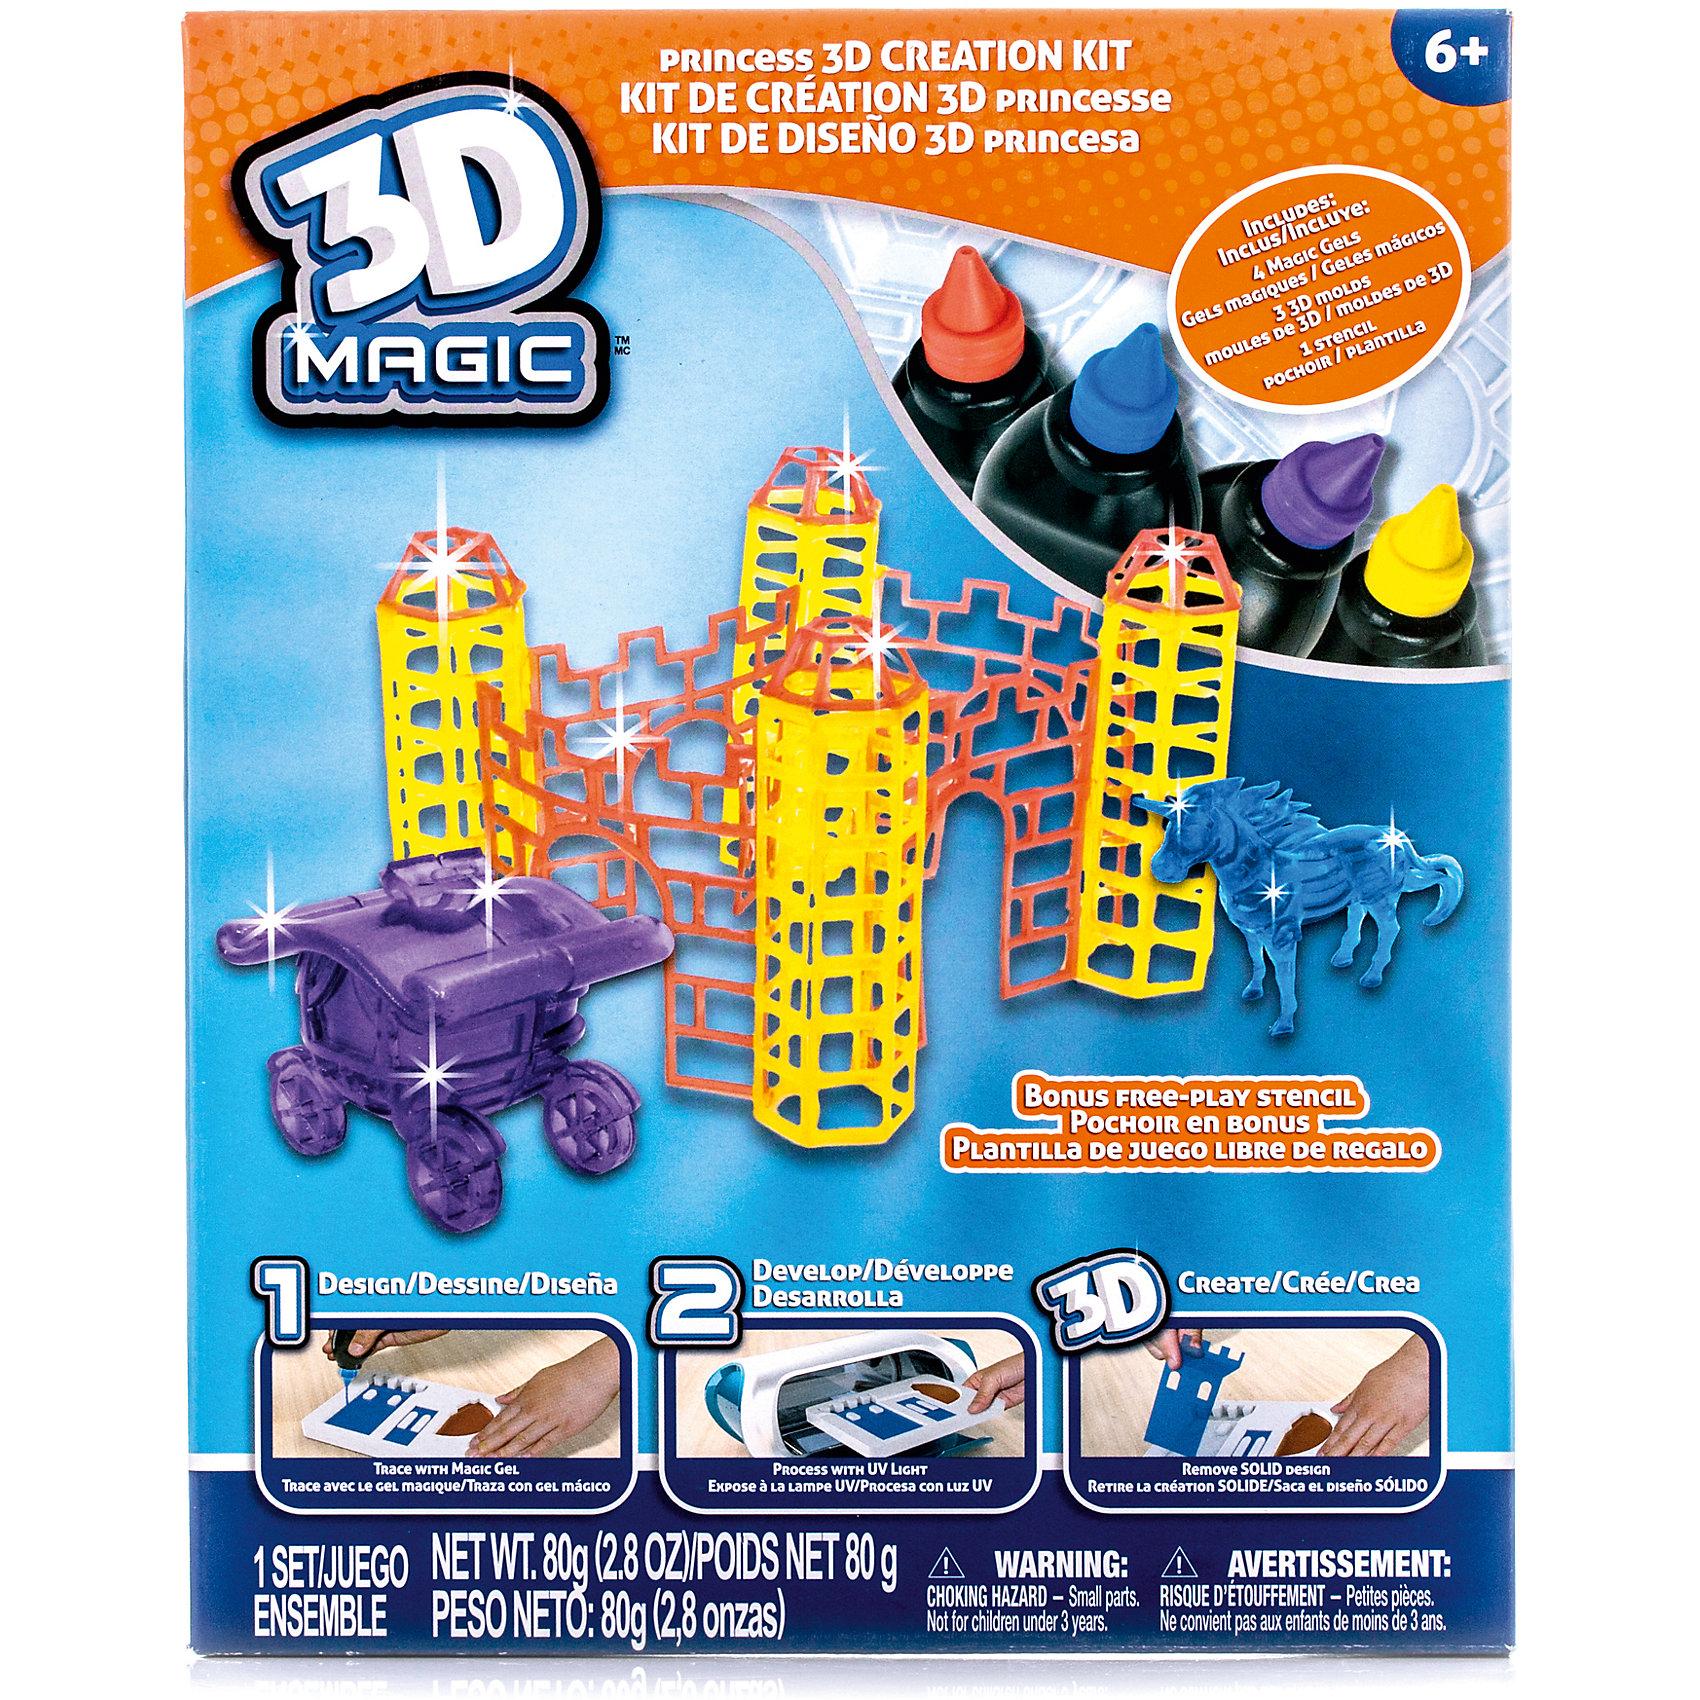 Набор 3D Magic для создания замка принцессы3D-ручки<br>Характеристики товара:<br><br>• материал: пластик<br>• вес: 380 г<br>• размер упаковки: 26х21х8 см<br>• комплектация: 4 тюбика со специальным 3D гелем, 3D формочка башен / трафарет для стен, 3D формочка единорога, 3D формочка кареты принцессы, дополнительный пустой трафарет для свободной игры (ультрафиолетовая лампа не входит в комплект)<br>• упаковка: коробка<br>• на русском языке<br><br>3D-моделирование - это современный и очень увлекательный вид творчества! С помощью него можно создать множество различных фигурок. Этот набор - качественный и удобный, который поможет ребенку выразить свои творческие способности. Объемная фигурка получается из безопасного материала, очень красиво смотрится. В наборе есть специальные трафареты.<br>Изделие произведено из качественных и безопасных для ребенка материалов. Работа с таким набором помогает развить мышление ребенка, аккуратность, внимательность, мелкую моторику и воображение. Полезный подарок для тех, у кого уже есть специальная 3Д-лампа!<br><br>Набор 3D Magic для создания замка принцессы можно купить в нашем интернет-магазине.<br><br>Ширина мм: 210<br>Глубина мм: 260<br>Высота мм: 80<br>Вес г: 380<br>Возраст от месяцев: 72<br>Возраст до месяцев: 120<br>Пол: Женский<br>Возраст: Детский<br>SKU: 5230673